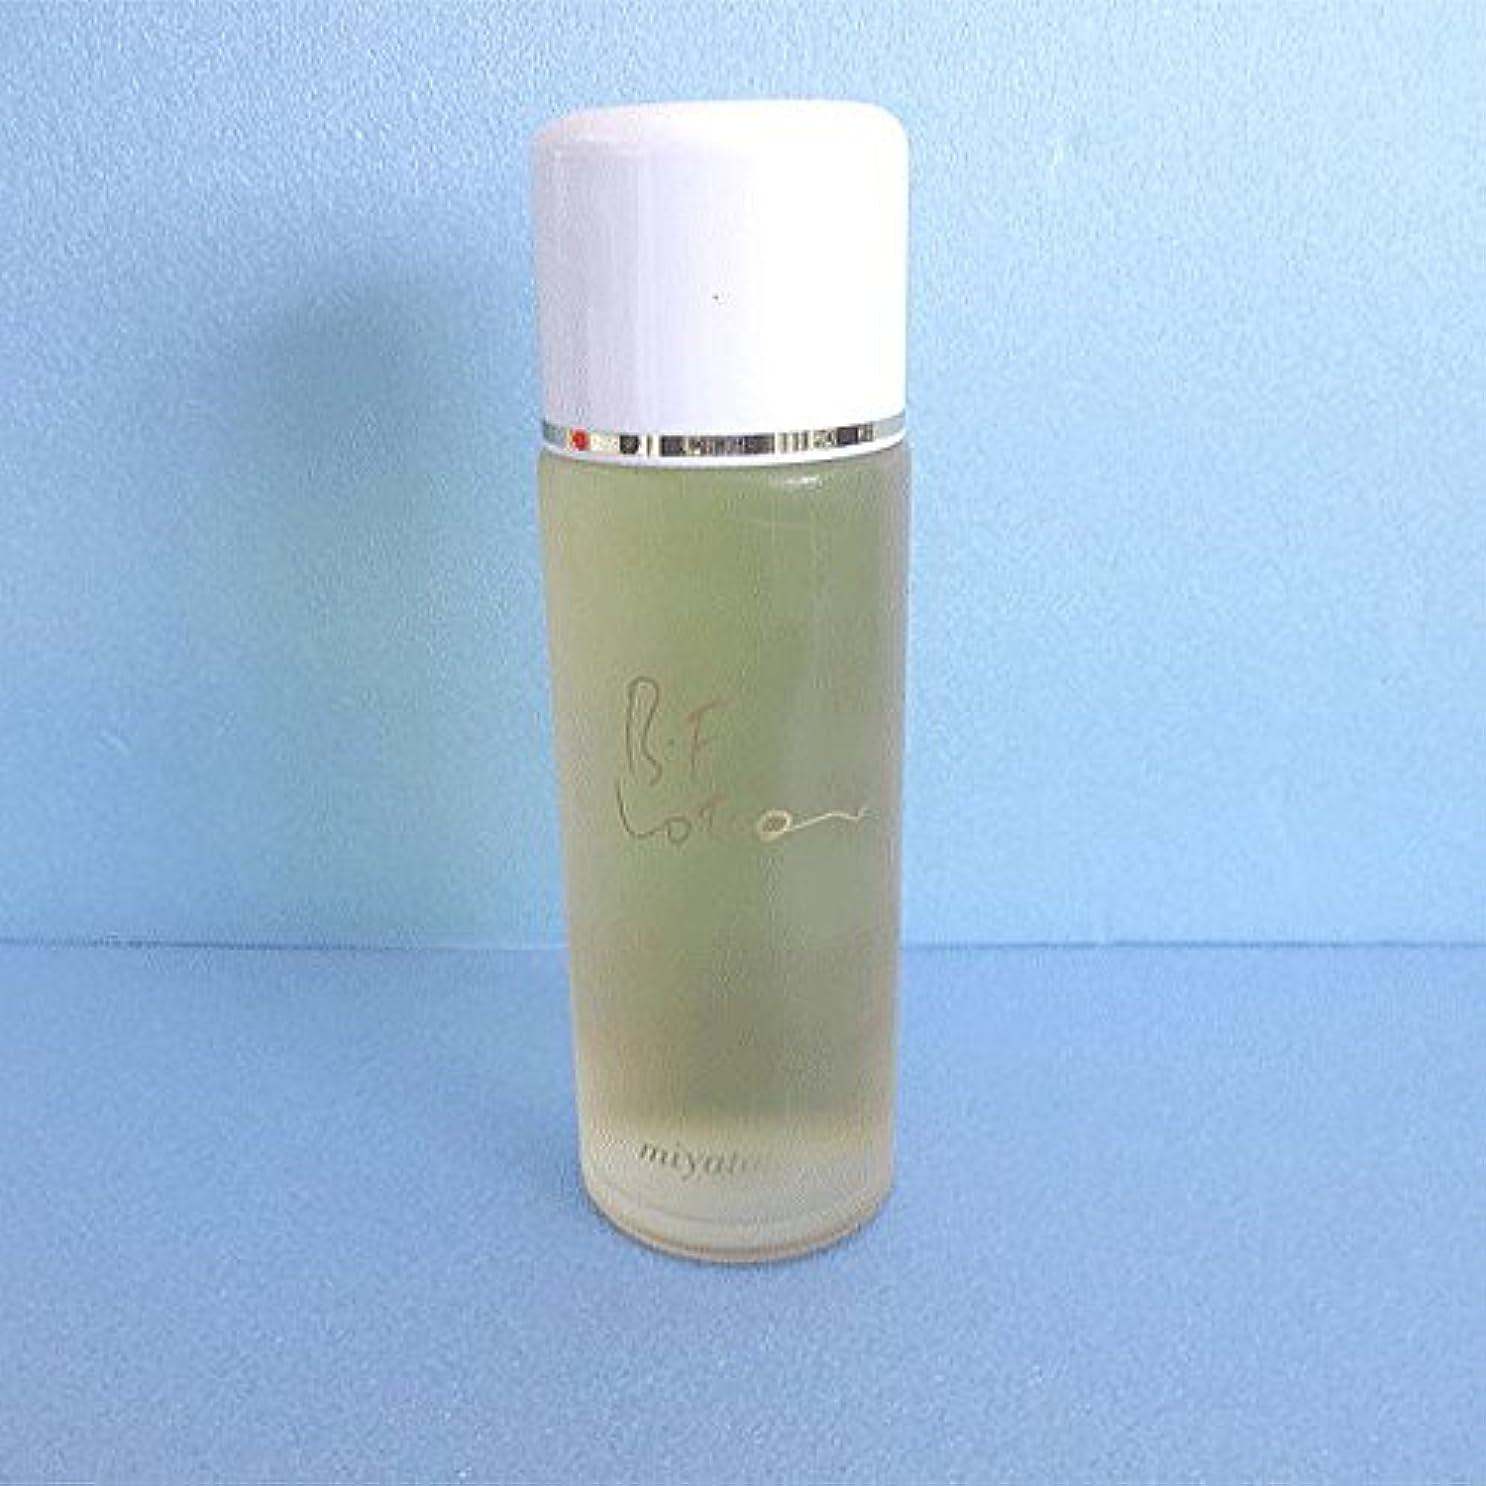 ビーエフ?ローション100ml×10本 天然野草の恵み、お肌の味方、自然化粧水。